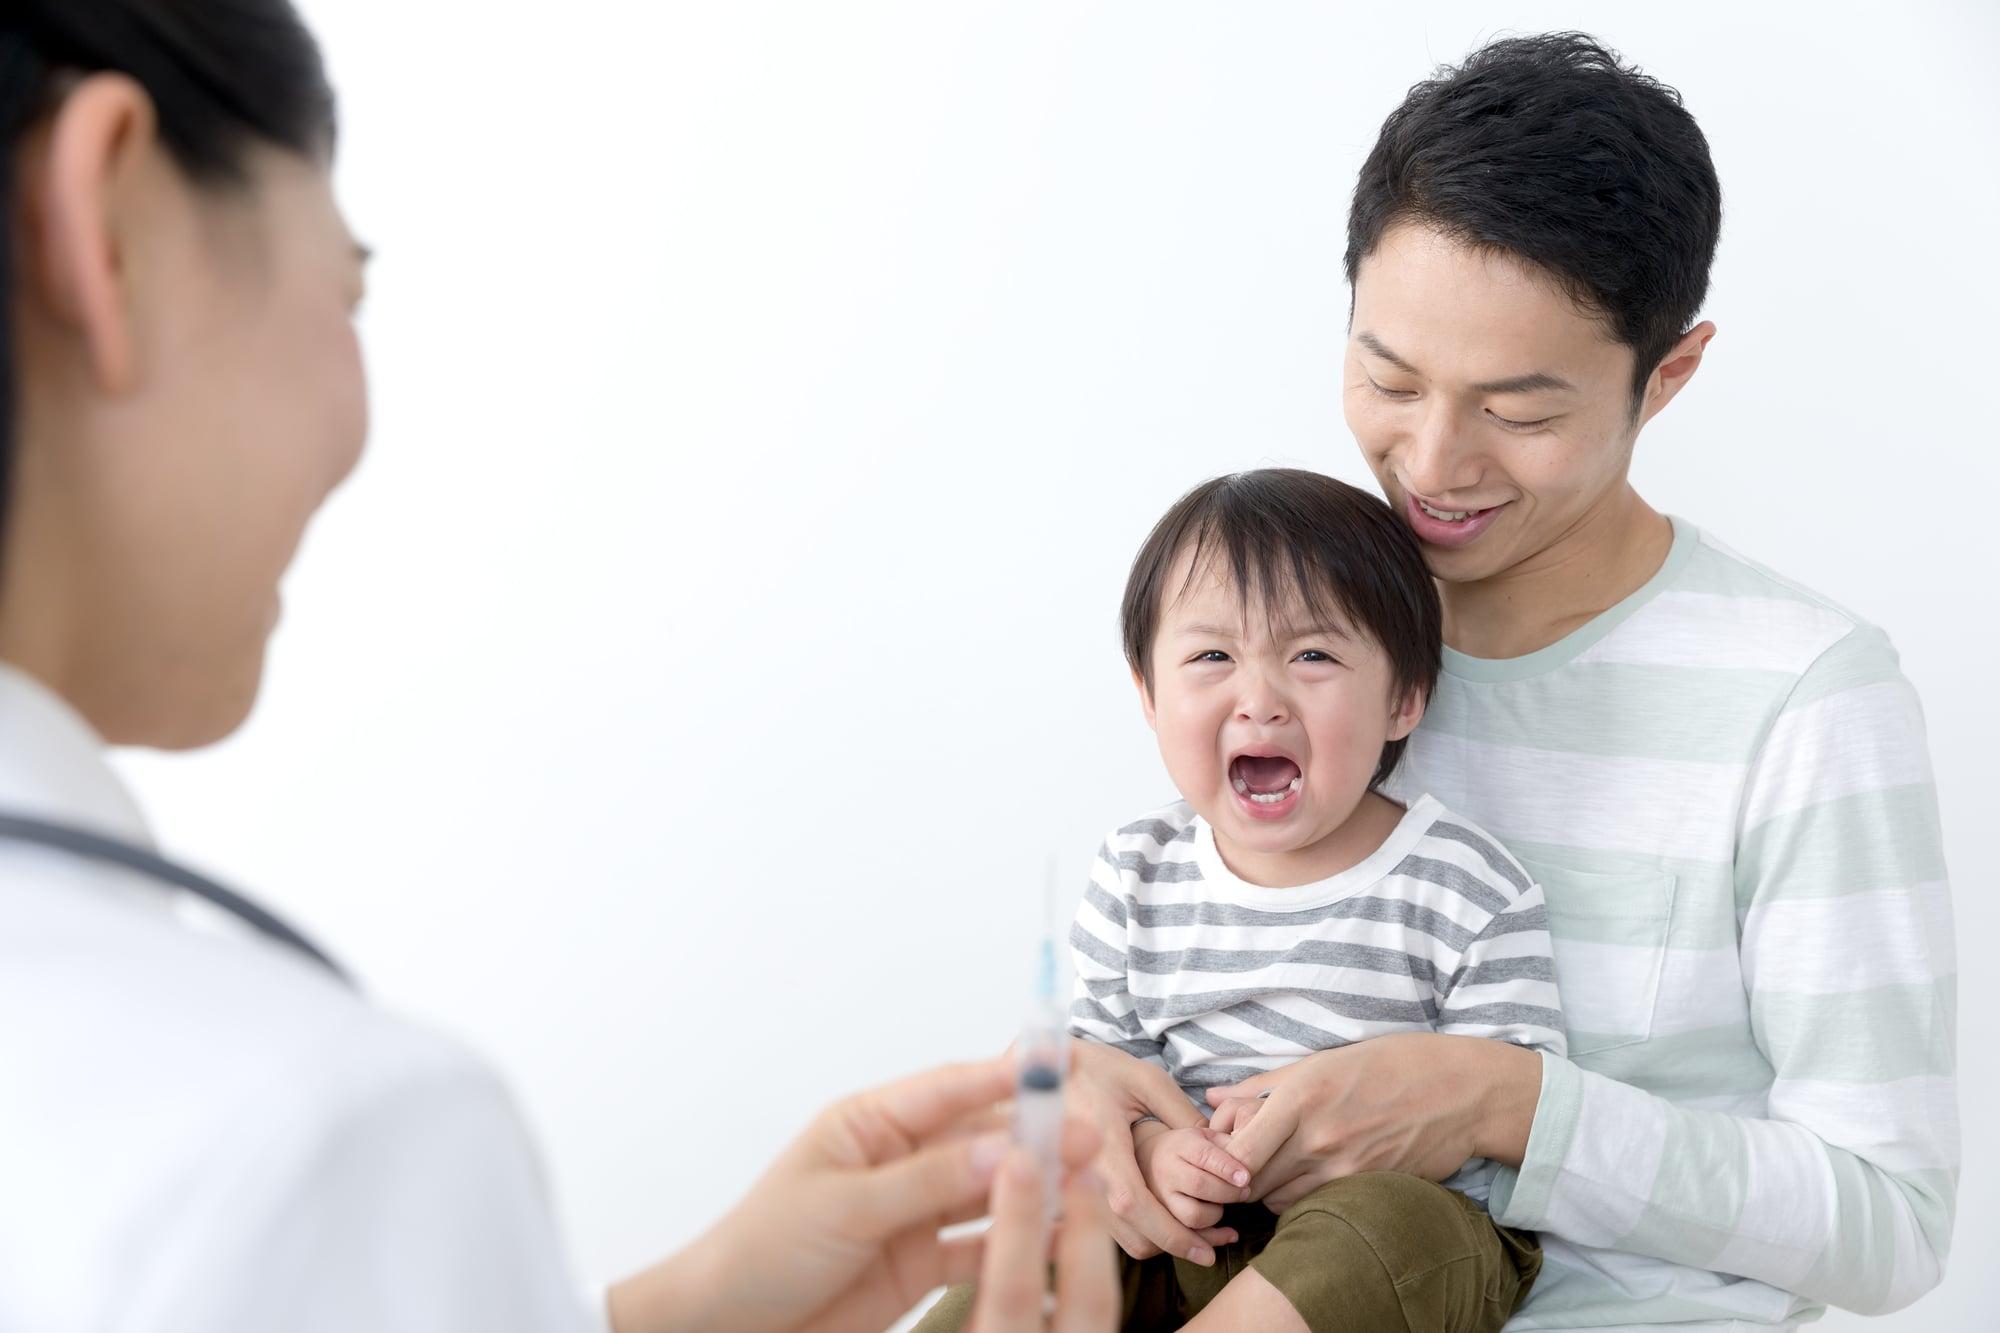 注射なんて大きらい!悩む子どもやママに読んでほしい絵本『つぎはわたしのばん』#ママの悩みに寄り添う絵本 | ママスタセレクト - Part 3